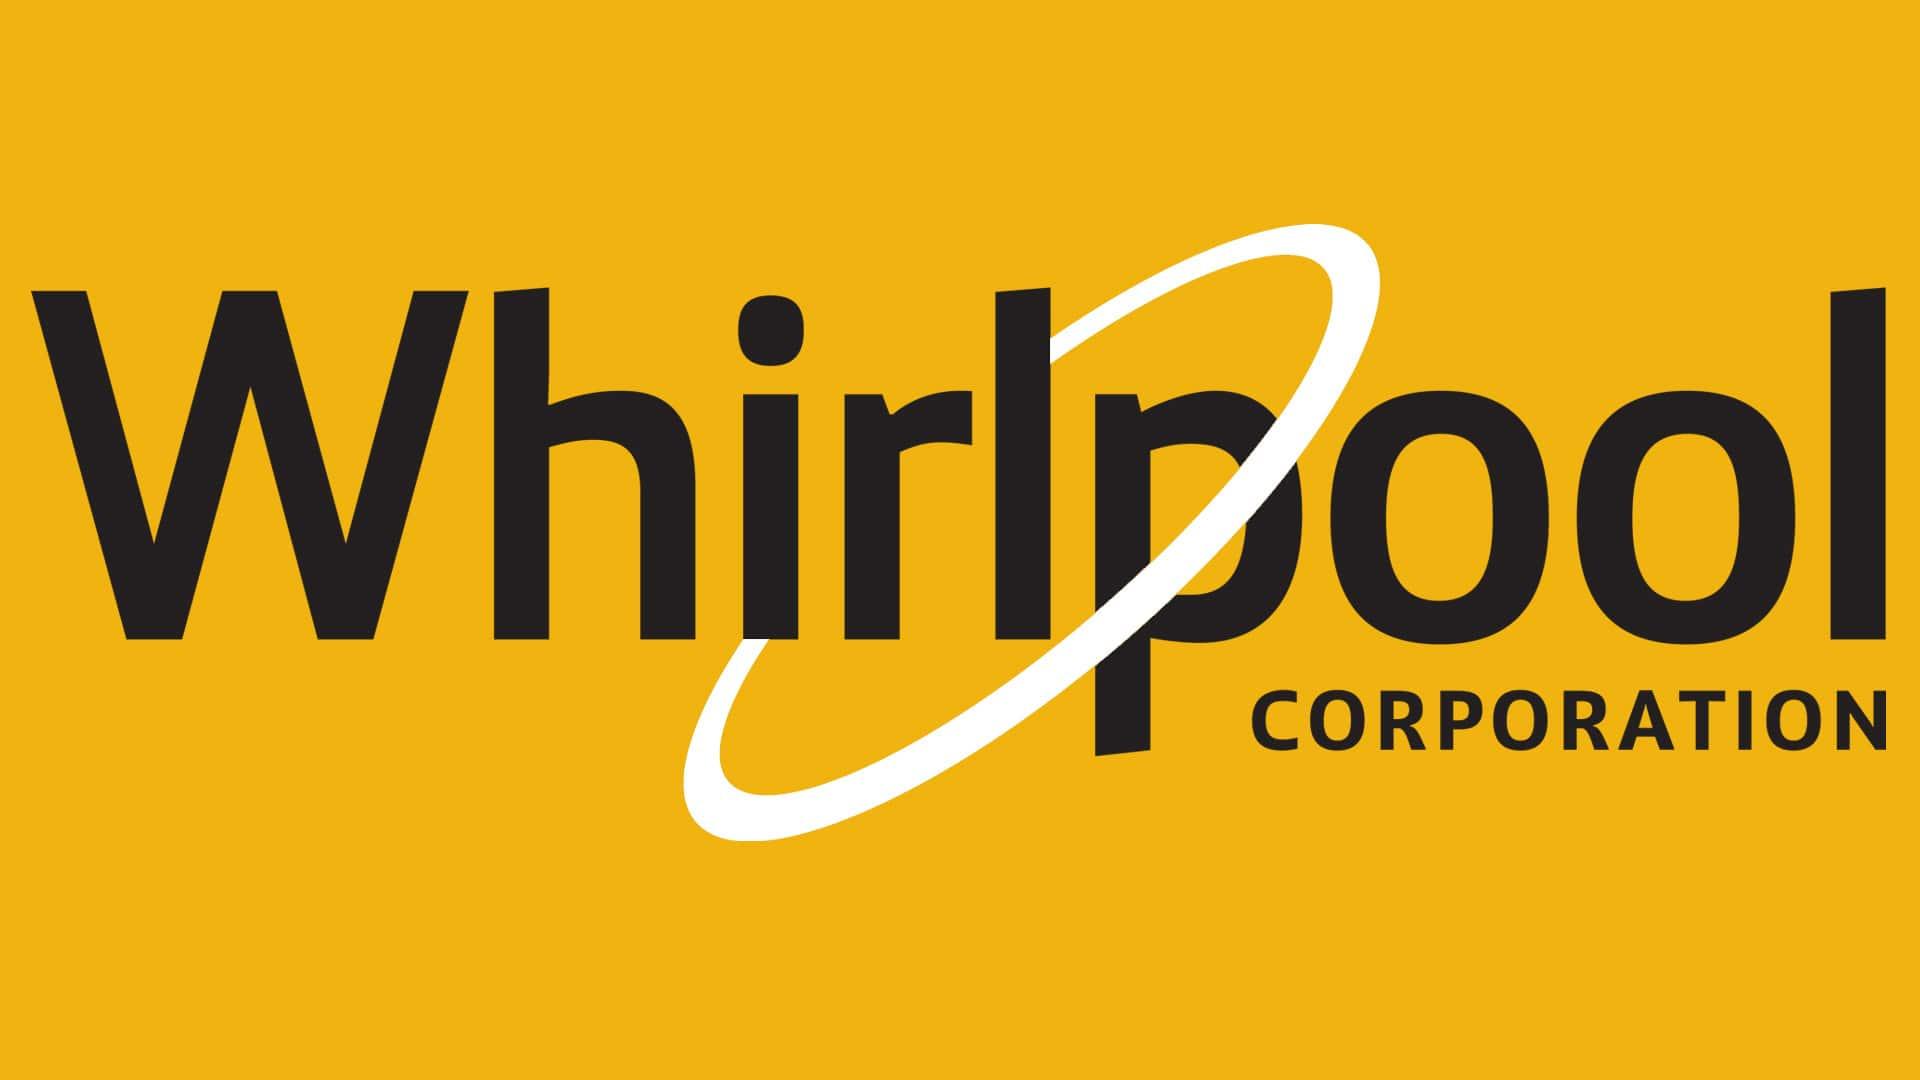 Trung tâm bảo hành lò vi sóng Whirlpool tại Tphcm